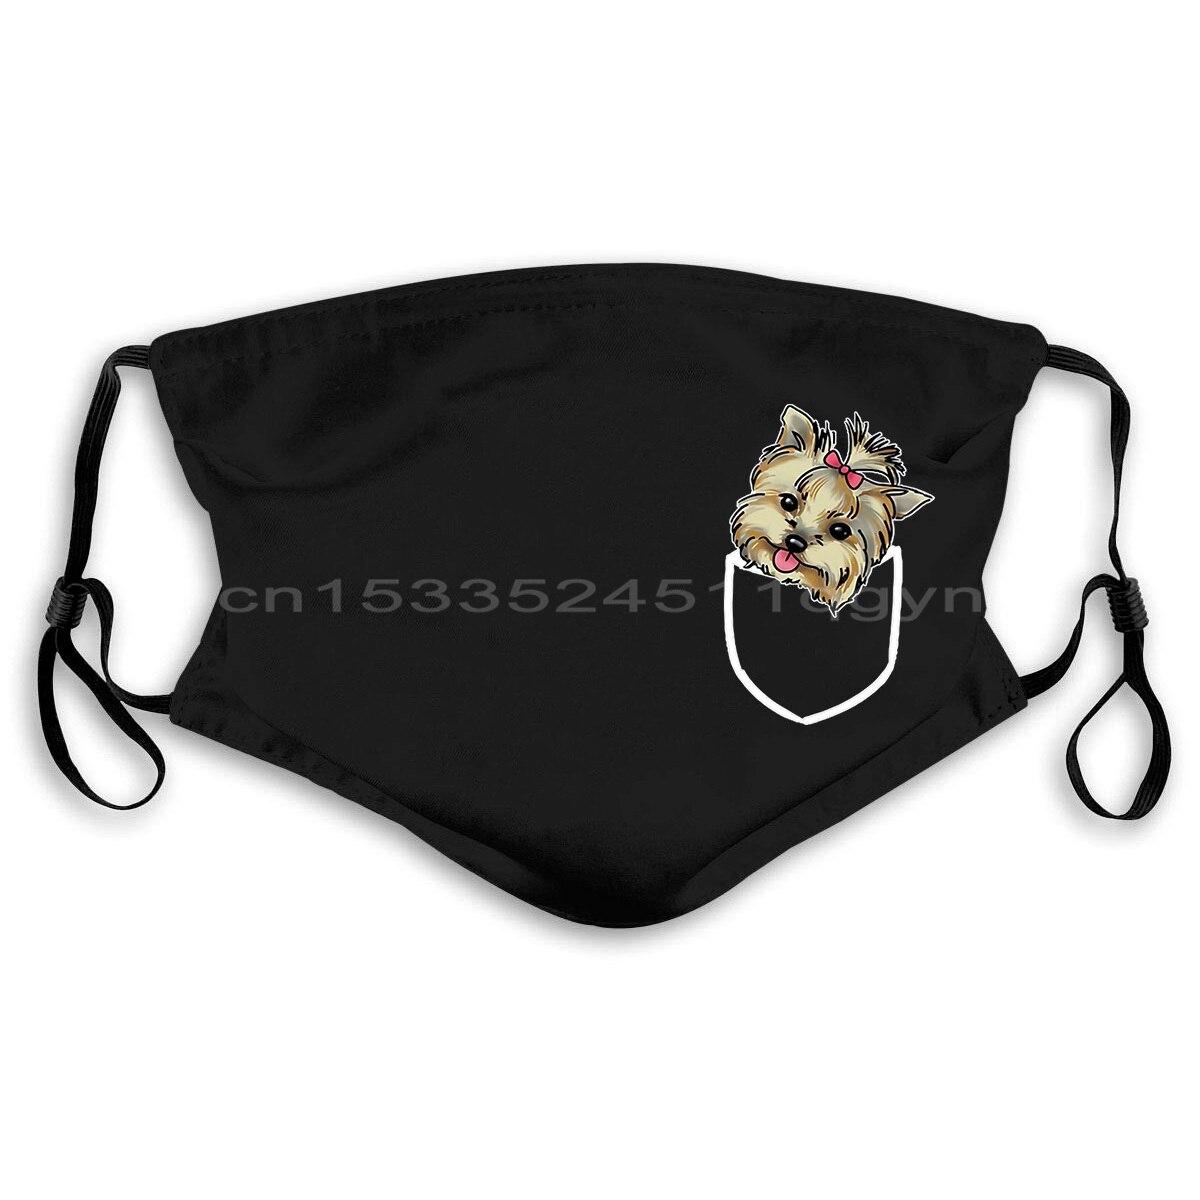 Yorkshire Terrier, máscaras de bolsillo falsas para cachorros, amantes de los animales, bonitas máscaras de perro hermosas, máscara de moda Unisex para hombres y mujeres; FDBRO-mascarilla deportiva para correr, entrenamiento Fitness, gimnasio, elevación de bicicleta, entrenamiento de altura alta, acondicionamiento físico, máscaras deportivas 3,0